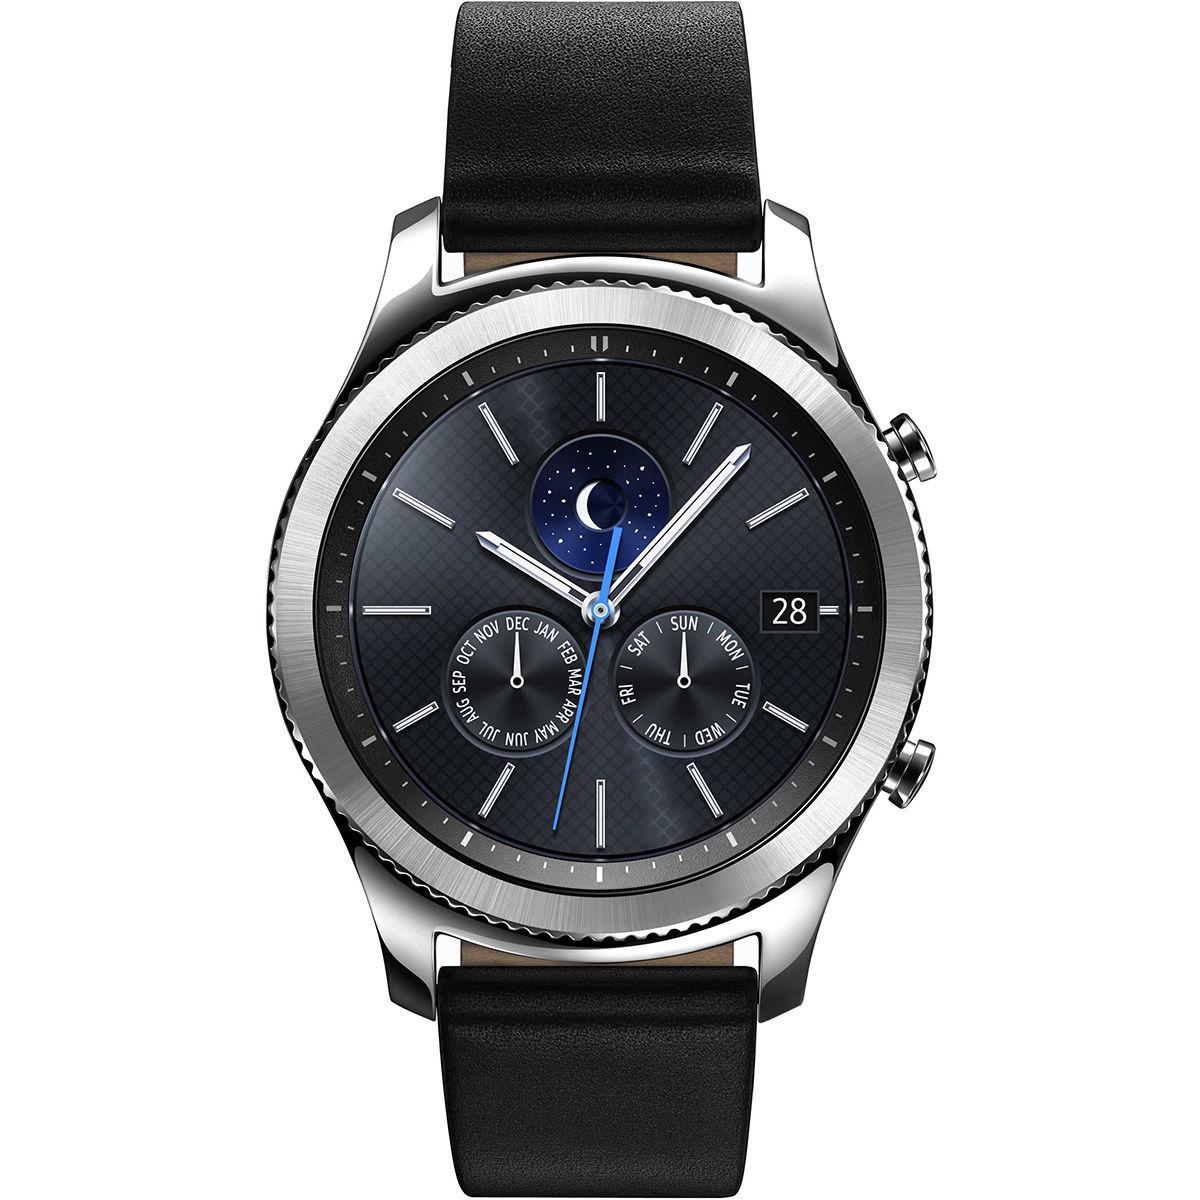 Karstadt - 20 % auf Smartwatches - z. B. Samsung Gear S3 Classic € 324,15